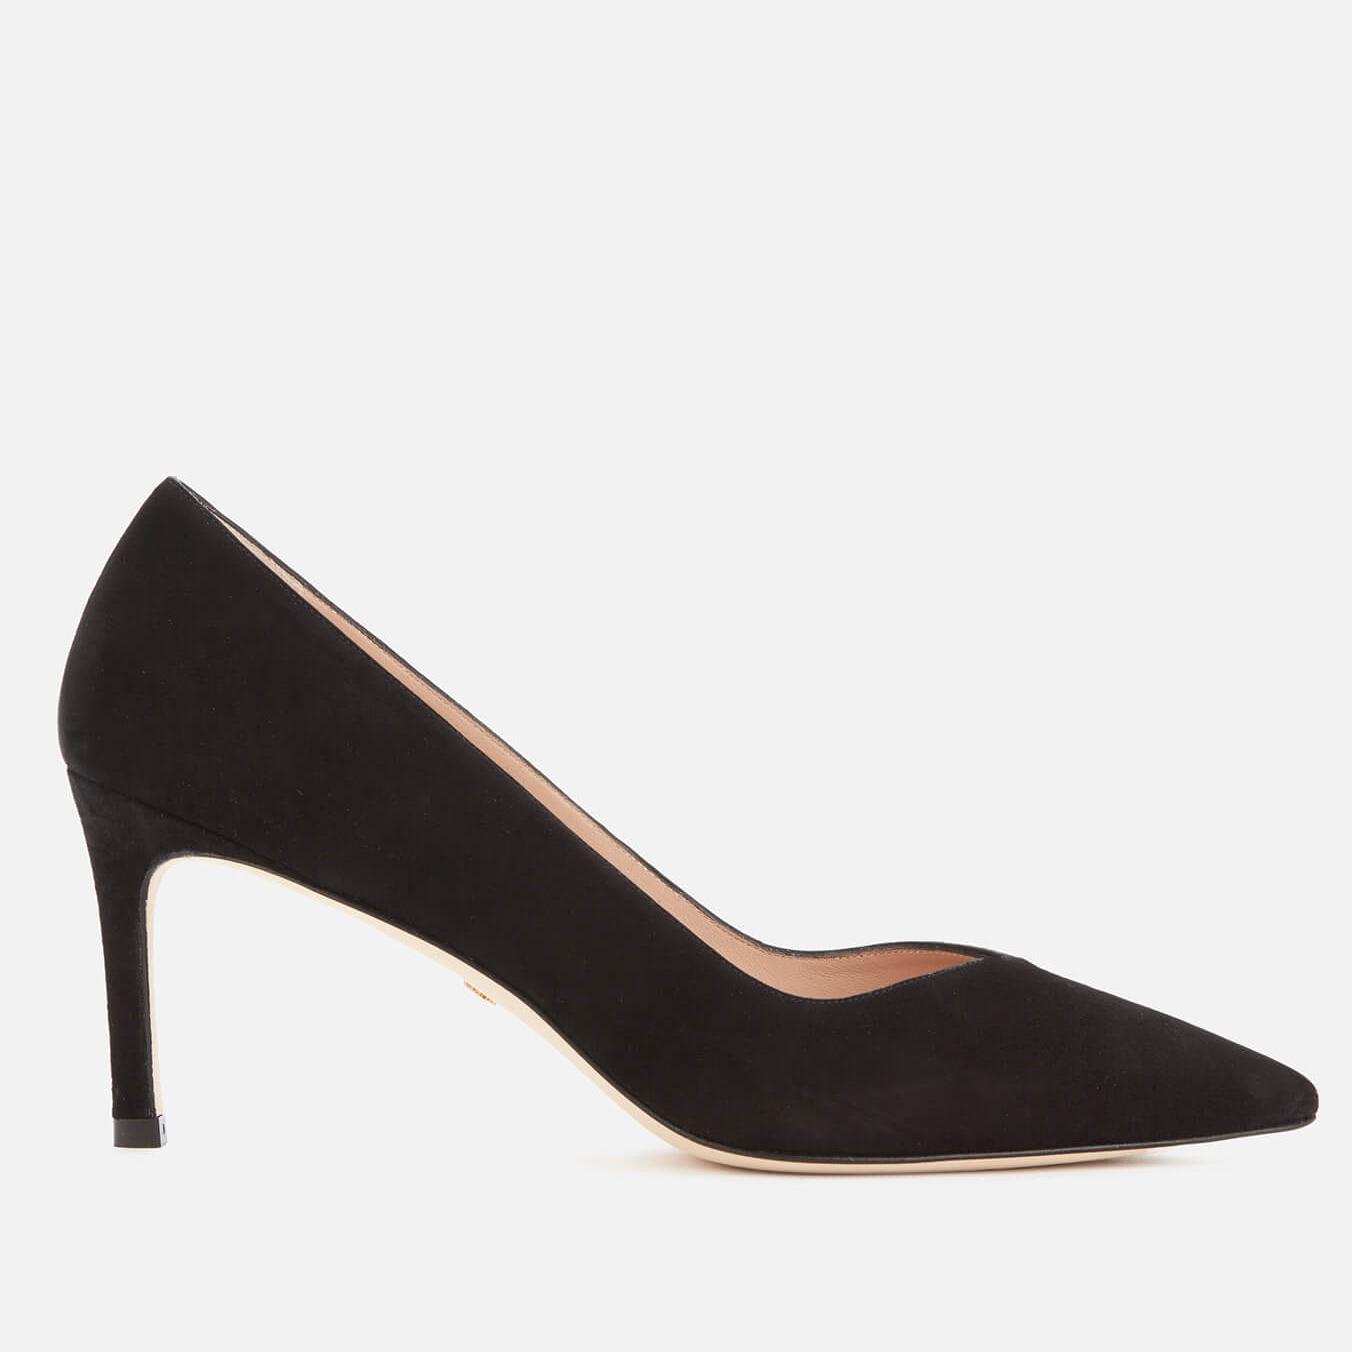 Stuart Weitzman 斯图尔特·韦茨曼 女士绒面高跟鞋